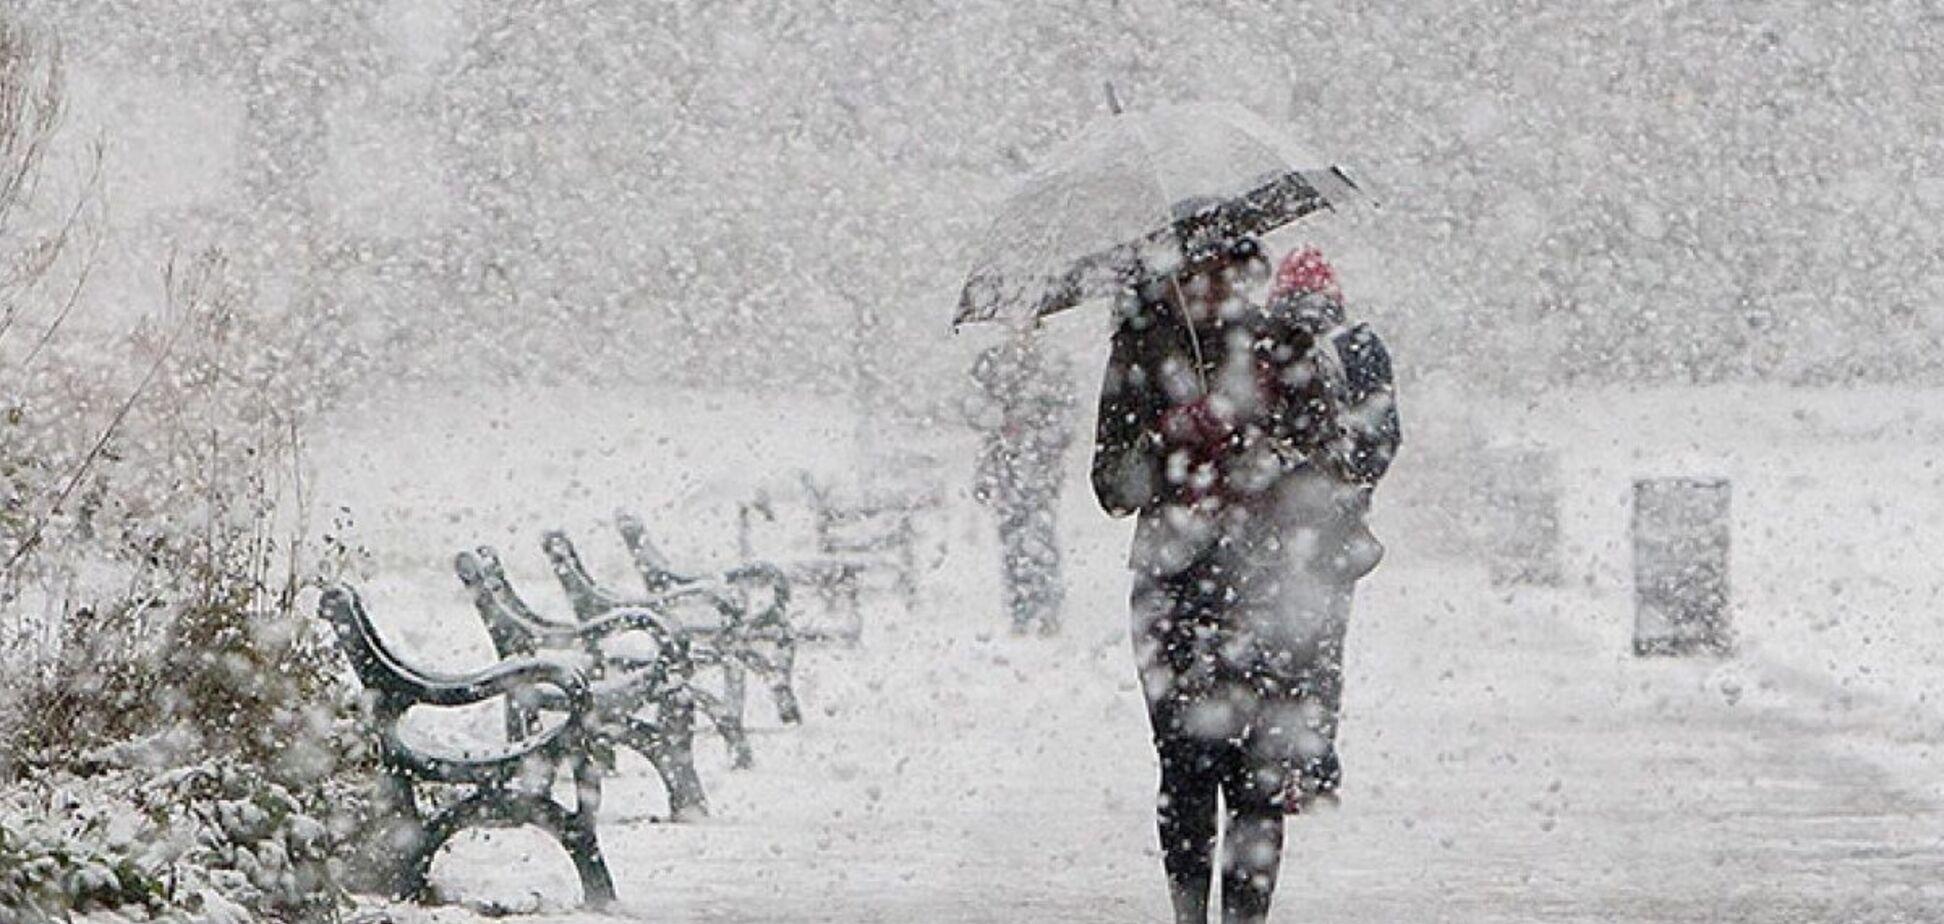 В Україні вдарять морози до -20: синоптикиня дала прогноз на наступний тиждень